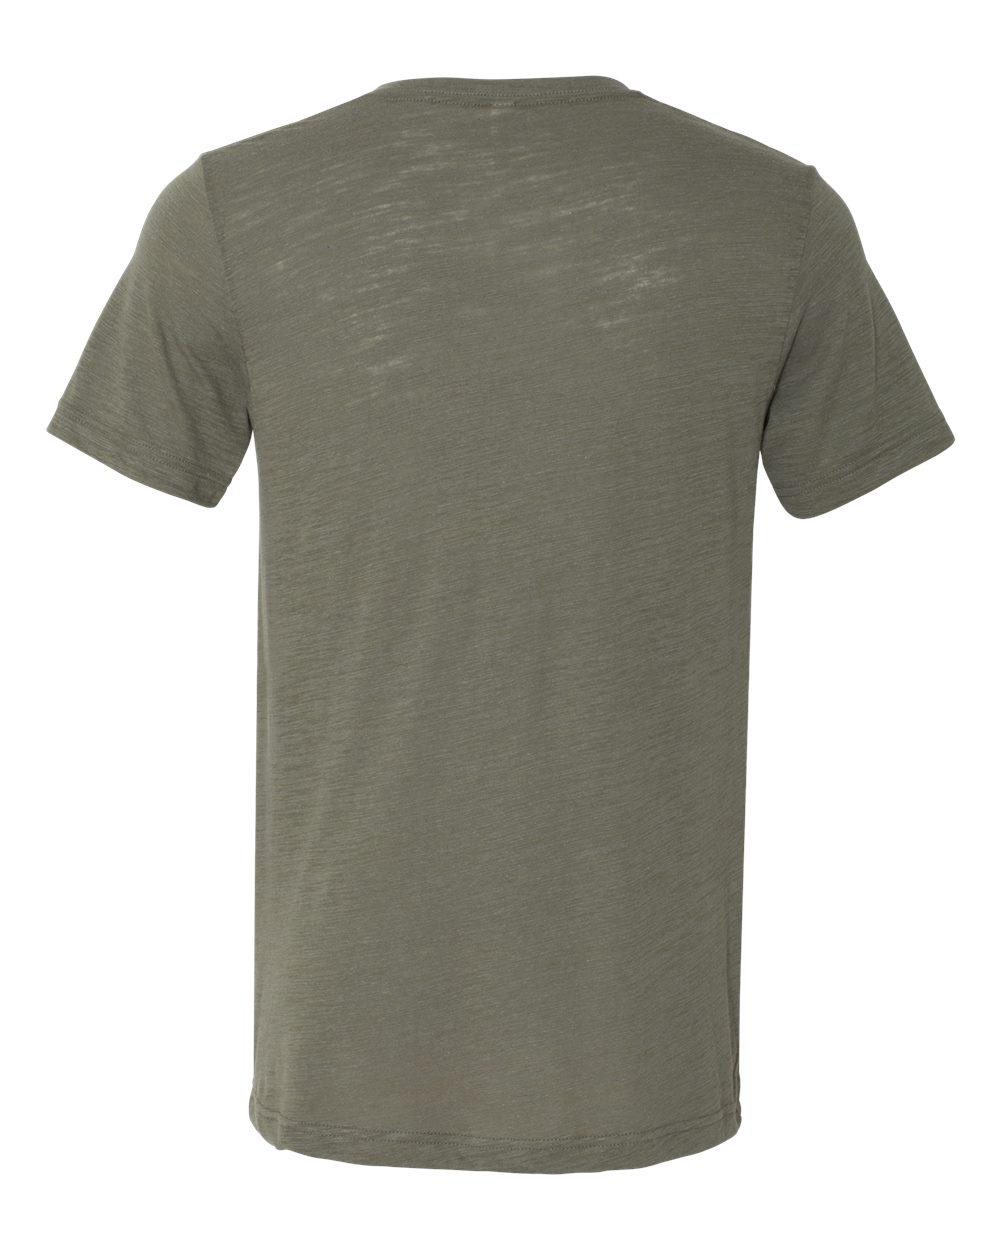 Bella-Canvas-Men-039-s-Jersey-Short-Sleeve-V-Neck-T-Shirt-3005-XS-3XL thumbnail 131